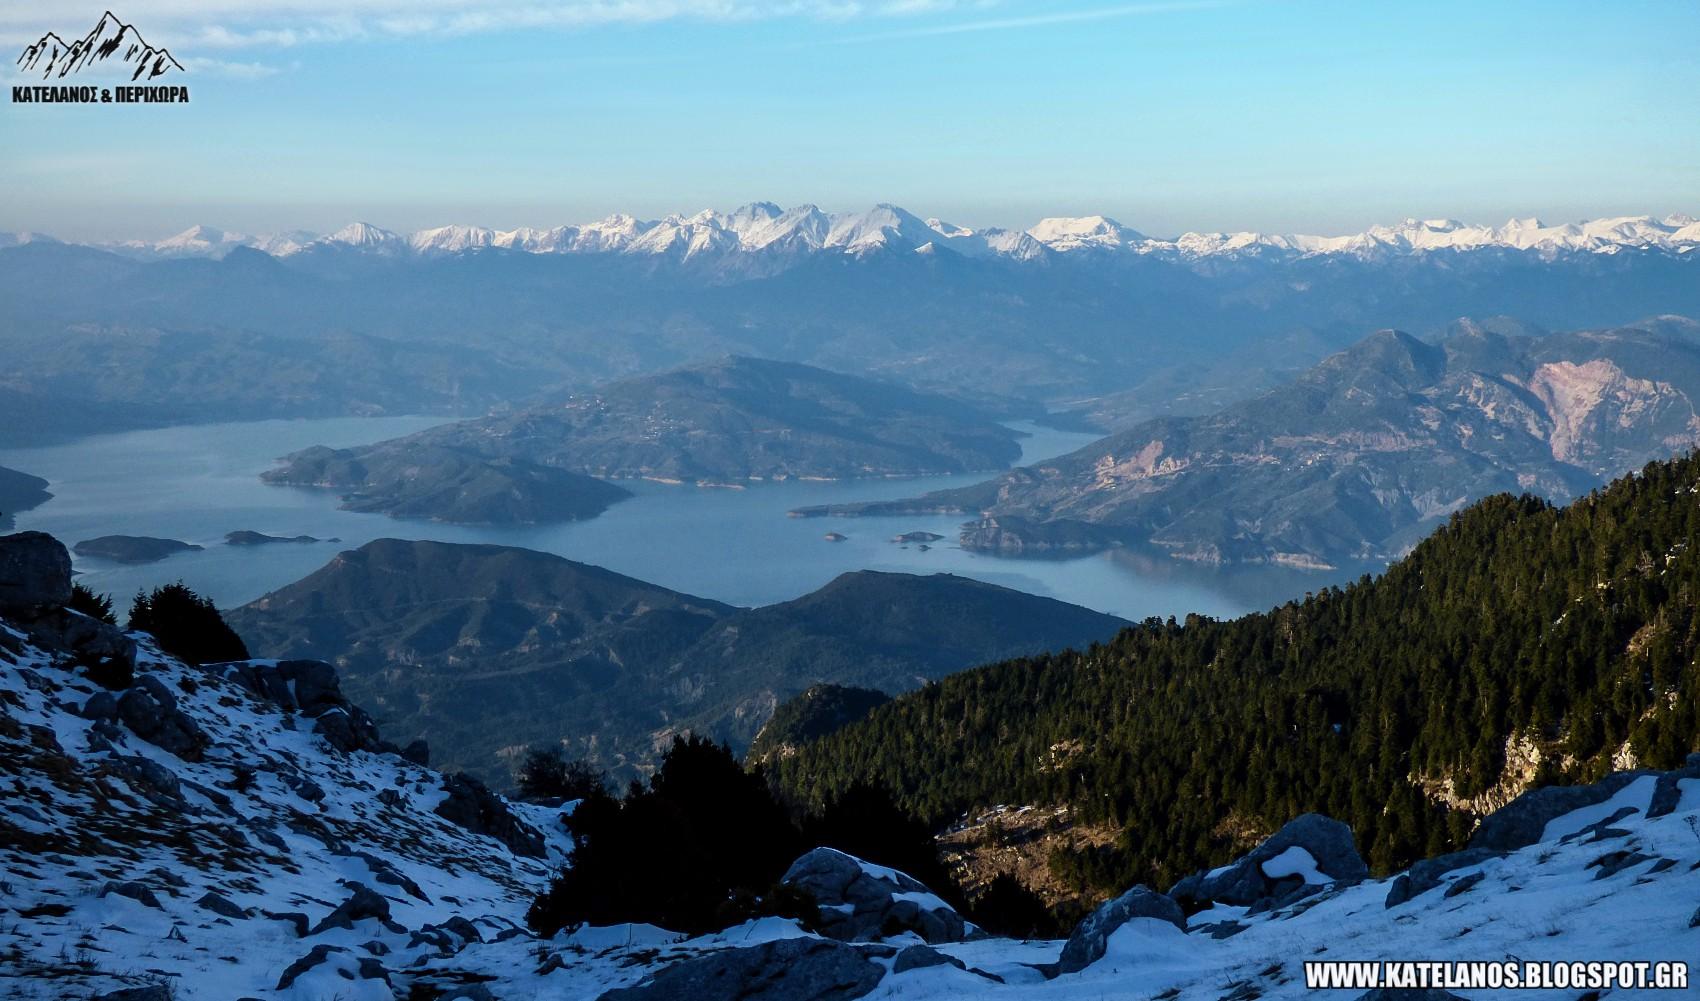 ανω αγιος βλασιος παρακαμπυλιων αιτωλοακαρνανιας φυσικο τοπιο θέα λιμνη κρεμαστων αγραφα βουνα